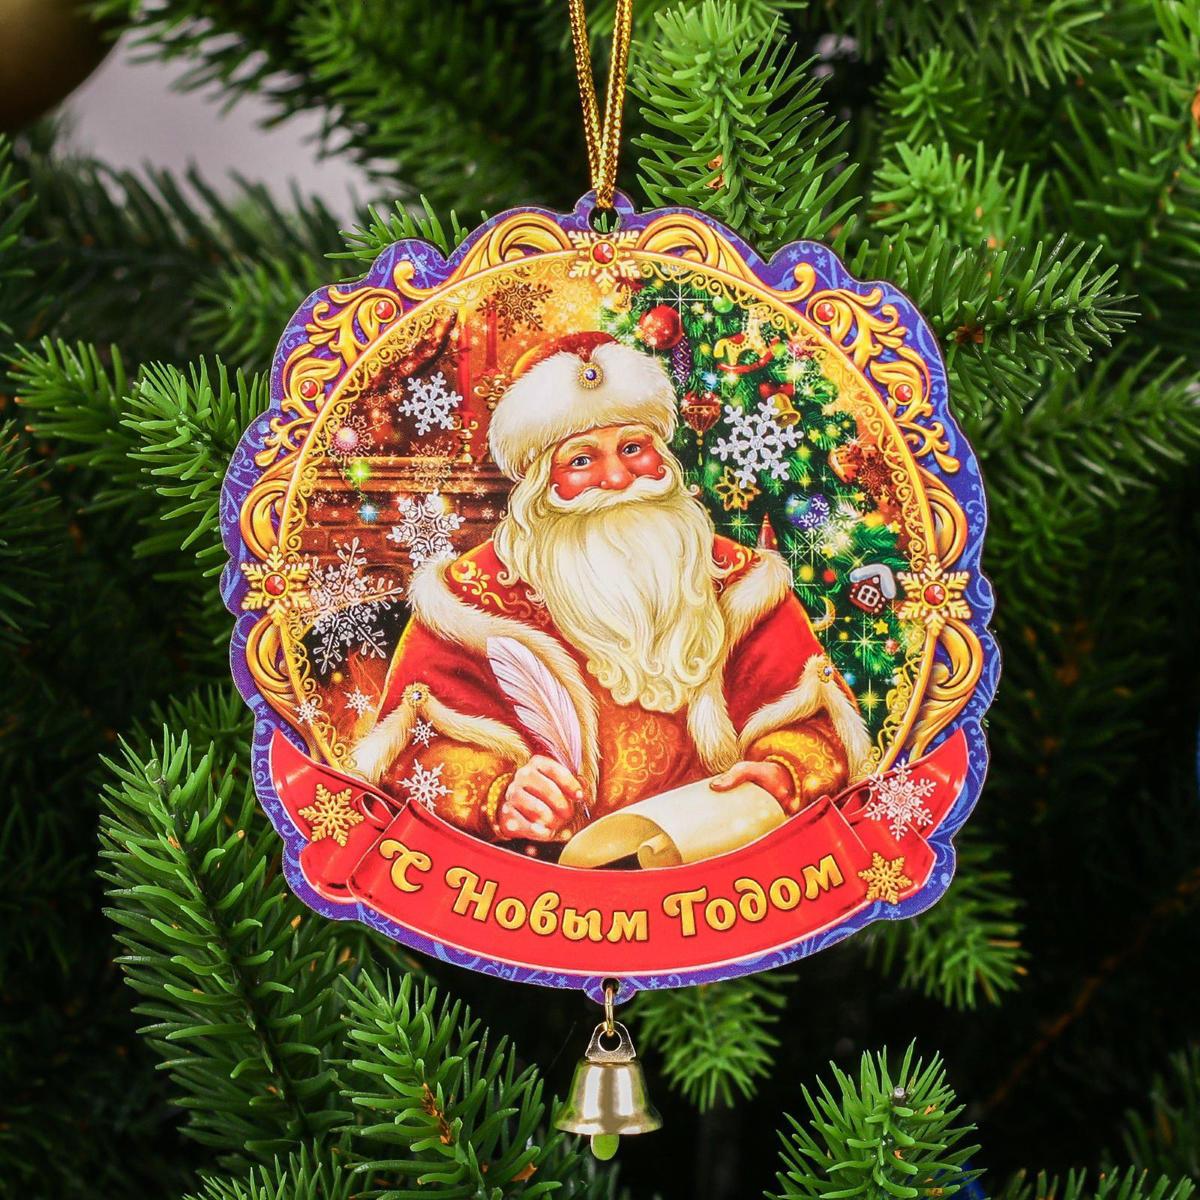 Украшение новогоднее подвесное С Новым годом! Дед Мороз, 8,5 х 9 см2252493Новогоднее подвесное украшение, выполненное из дерева, отлично подойдет для декорации вашего дома и новогодней ели. С помощью специальной петельки украшение можно повесить в любом понравившемся вам месте. Но, конечно, удачнее всего оно будет смотреться на праздничной елке. Украшение дополнено металлическим колокольчиком.Елочная игрушка - символ Нового года. Она несет в себе волшебство и красоту праздника. Такое украшение создаст в вашем доме атмосферу праздника, веселья и радости.